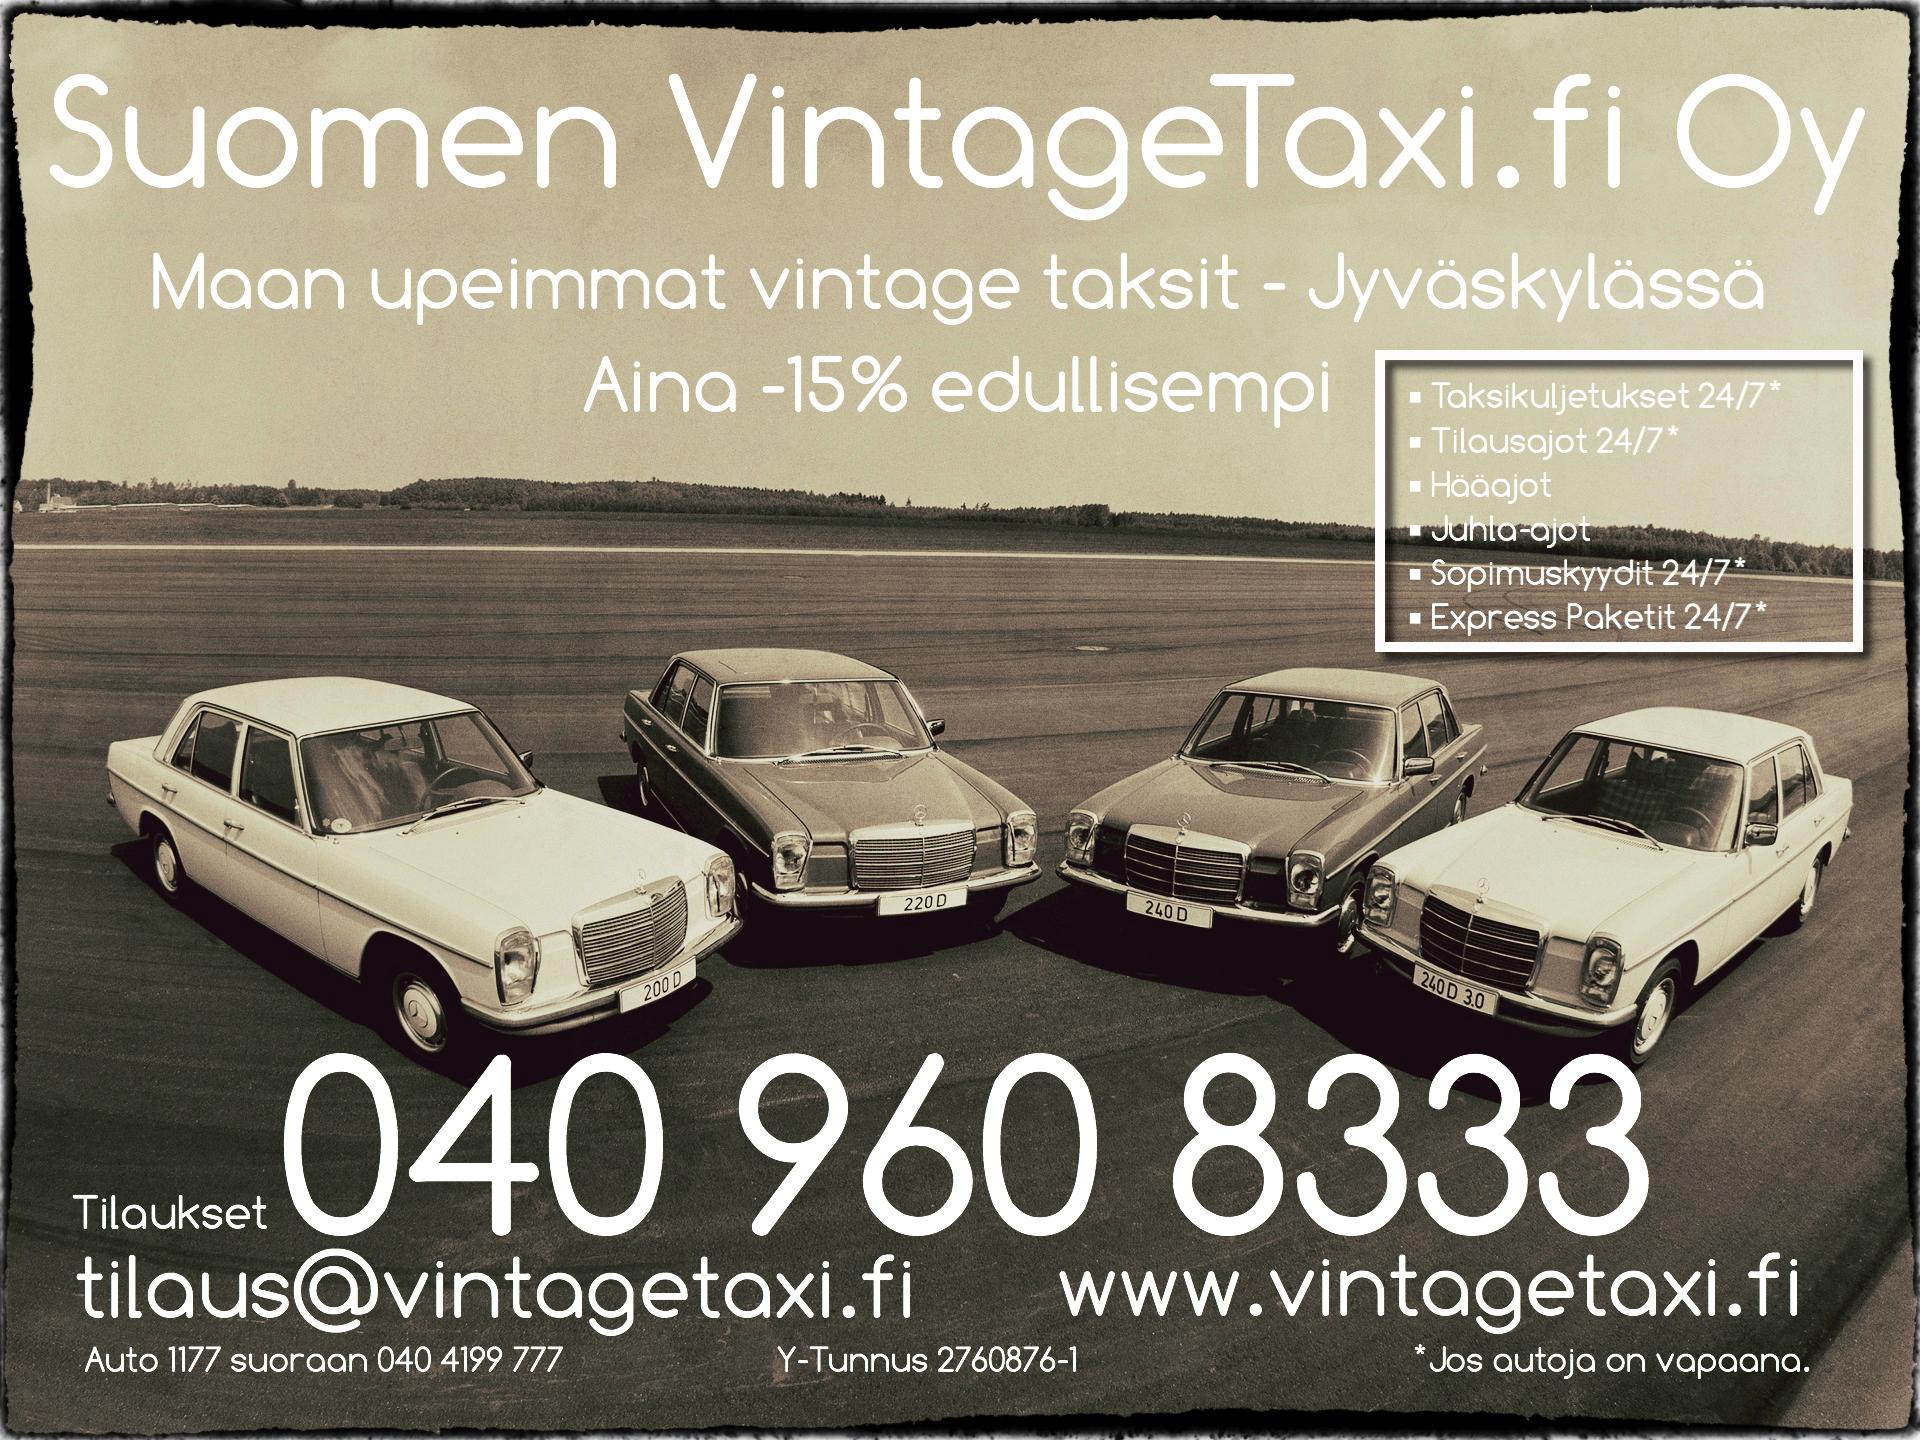 Suomen_VintageTaxi_Kayntikortti